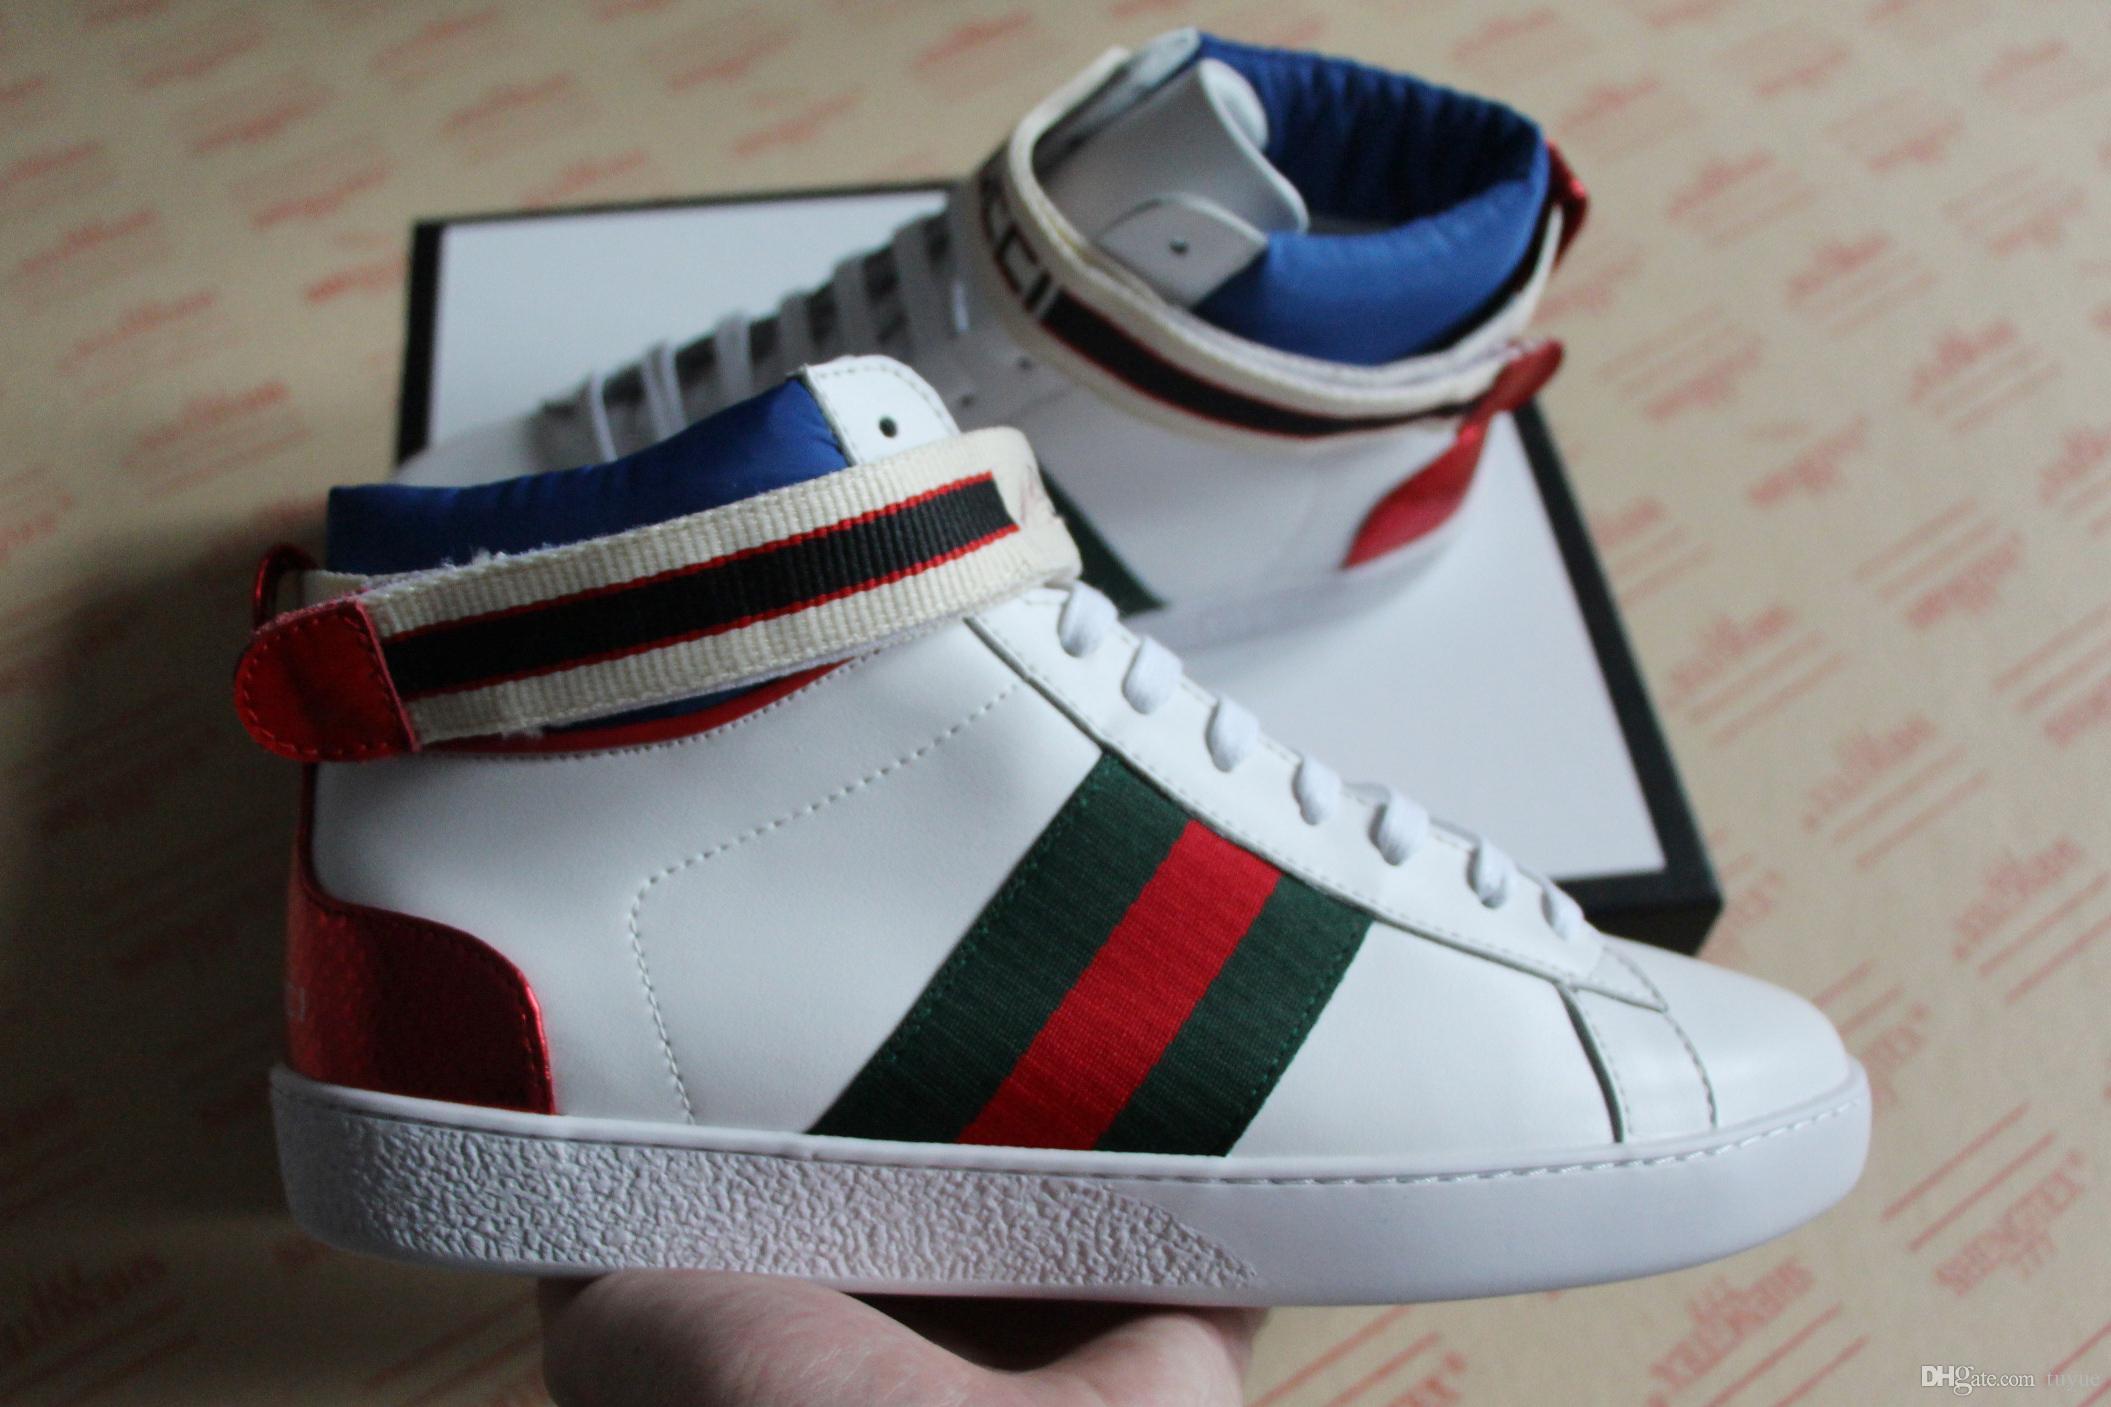 e7e53aeea8f2 2018 neue Mode Herren Designer Schuhe weiß schwarz Jacquard Streifen Ace  High-Top mit grünen und roten Web Sneaker für Männer, Frauen